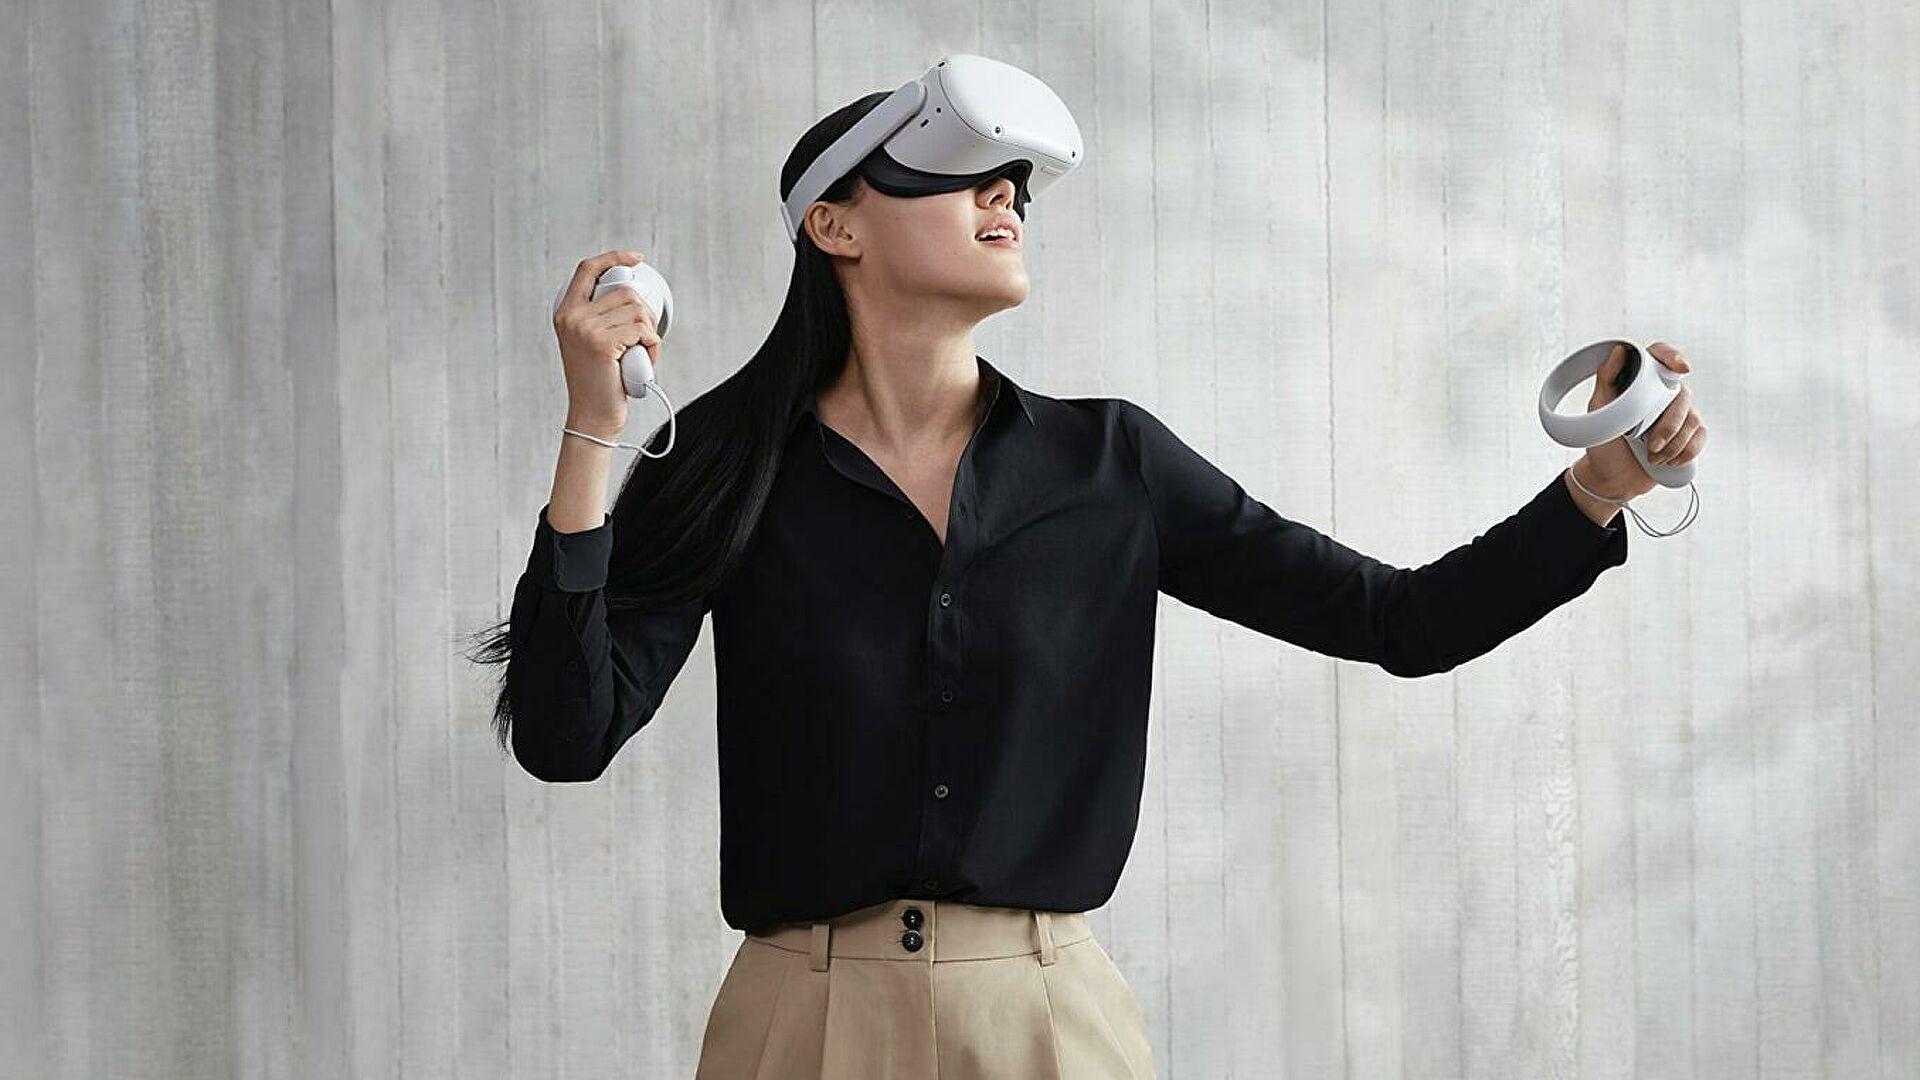 Ученые призвали не садиться за руль после длительной игры в VR-шлеме